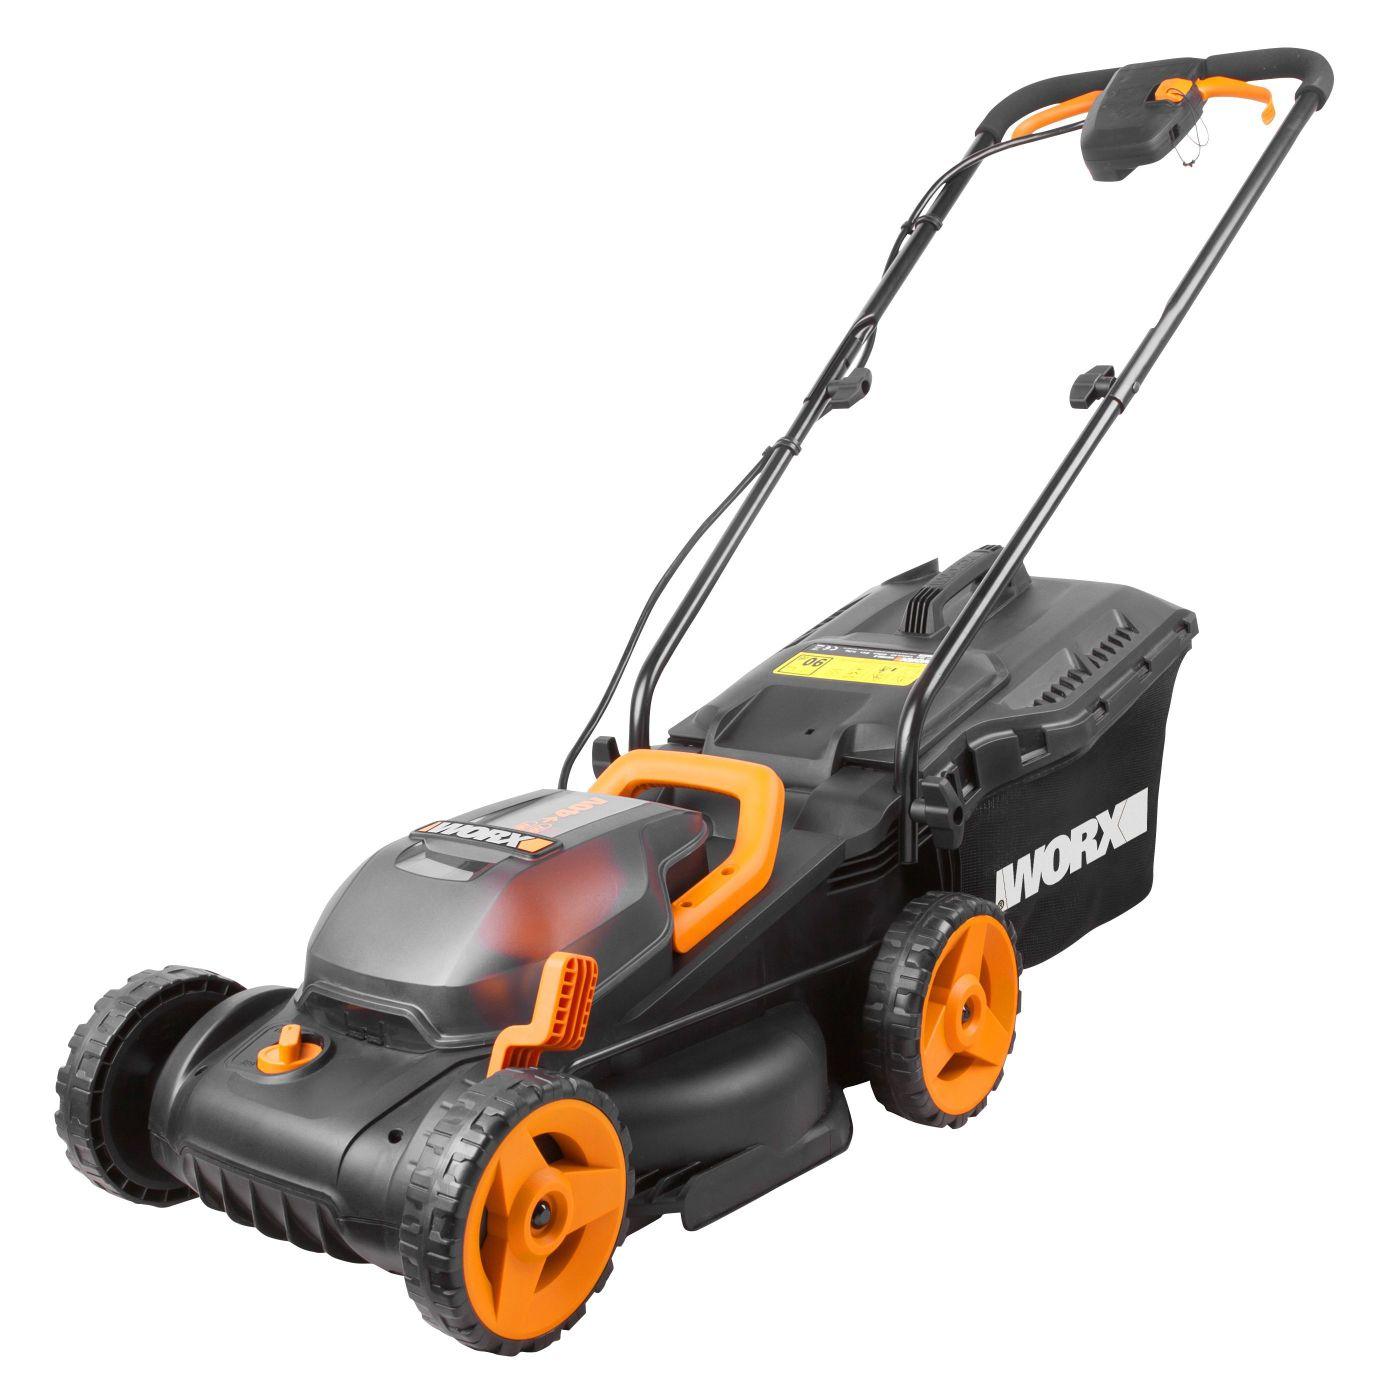 Worx Cordless Lawn Mower WG779E.1 £90 @ B&Q